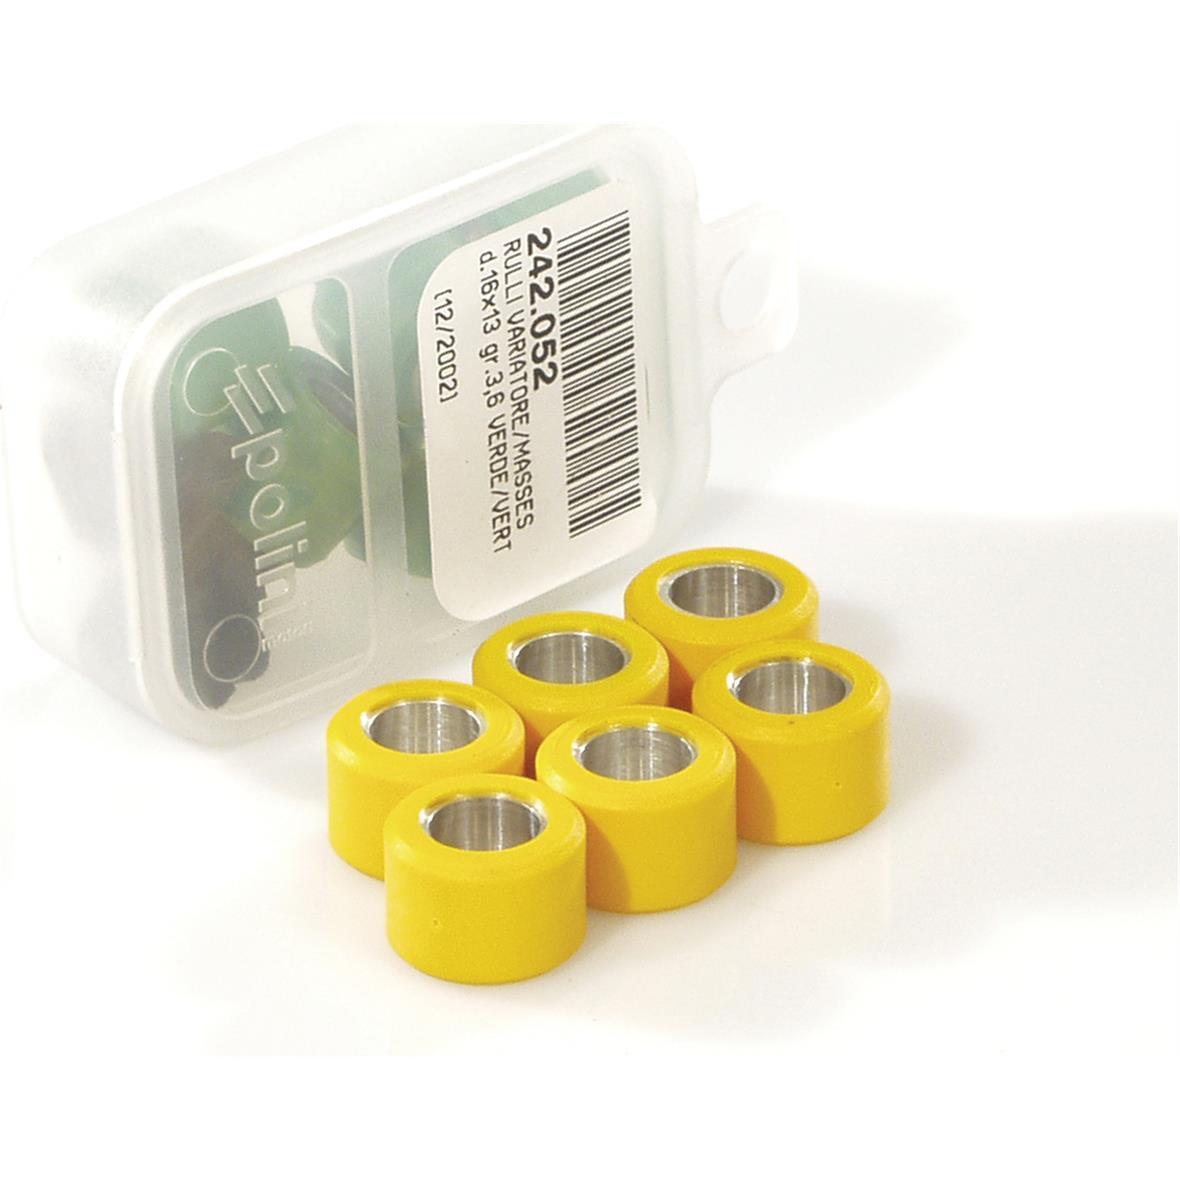 Image du produit 'Rouleaux de variateur POLINI 23x18 mm 12.4g'